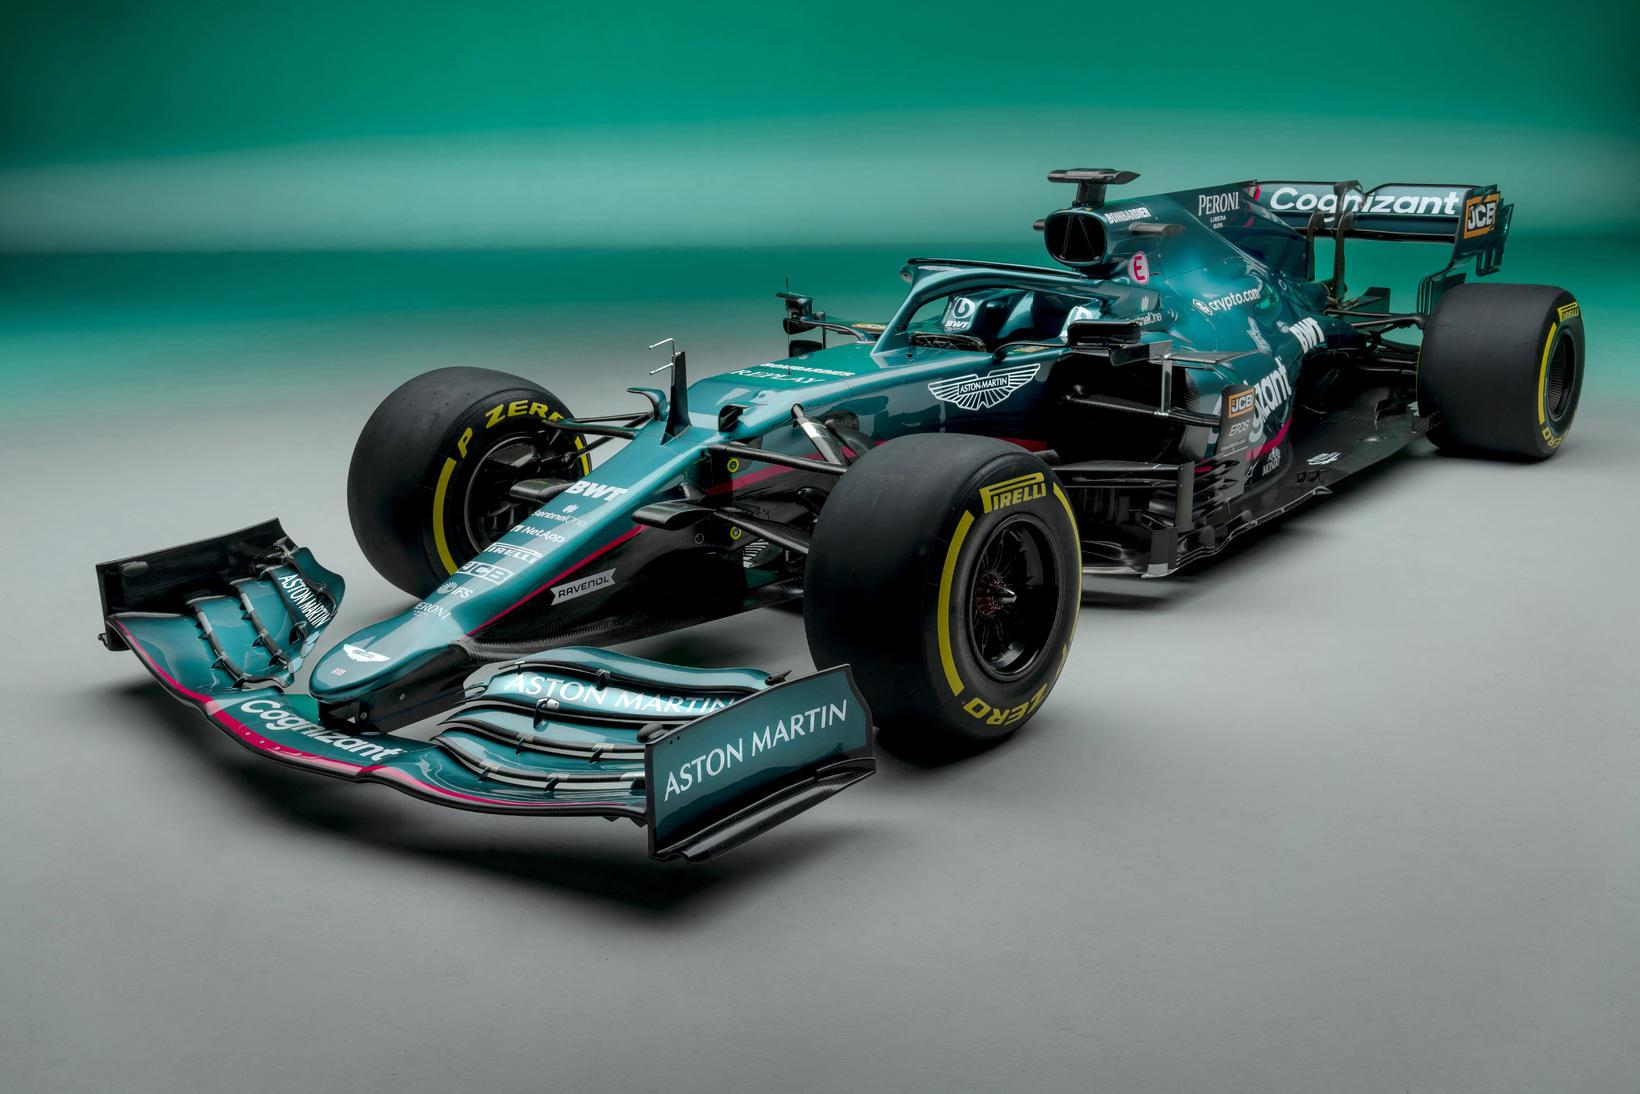 Keppnisbíll Aston Martin á 2021 keppnistíðinni.